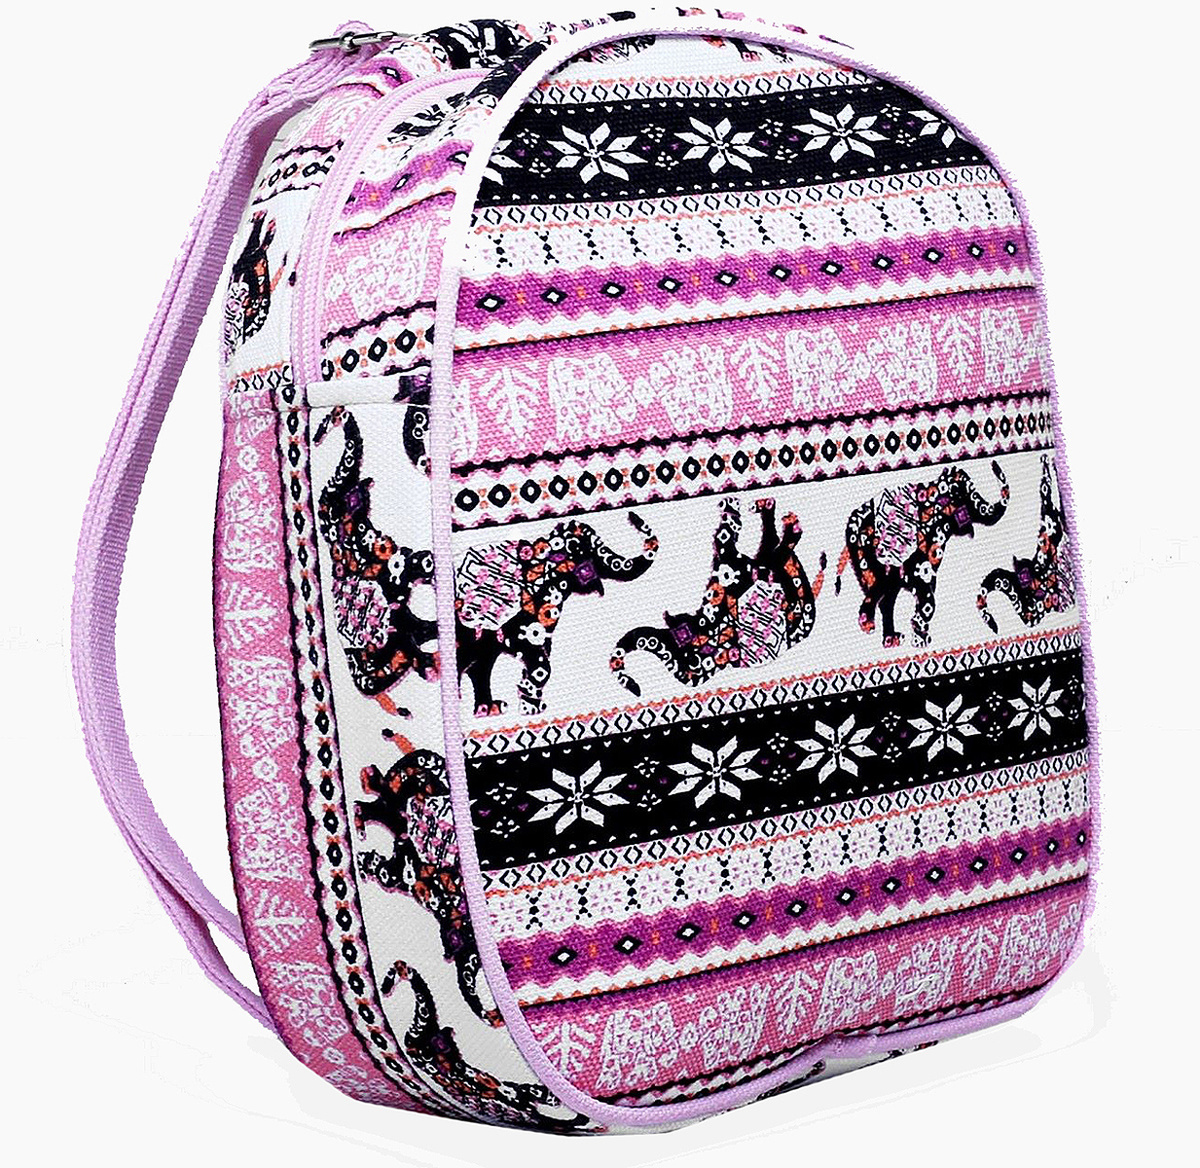 d67b5be04348 Рюкзак детский Слоны цвет розовый 1865946 — купить в интернет-магазине OZON. ru с быстрой доставкой